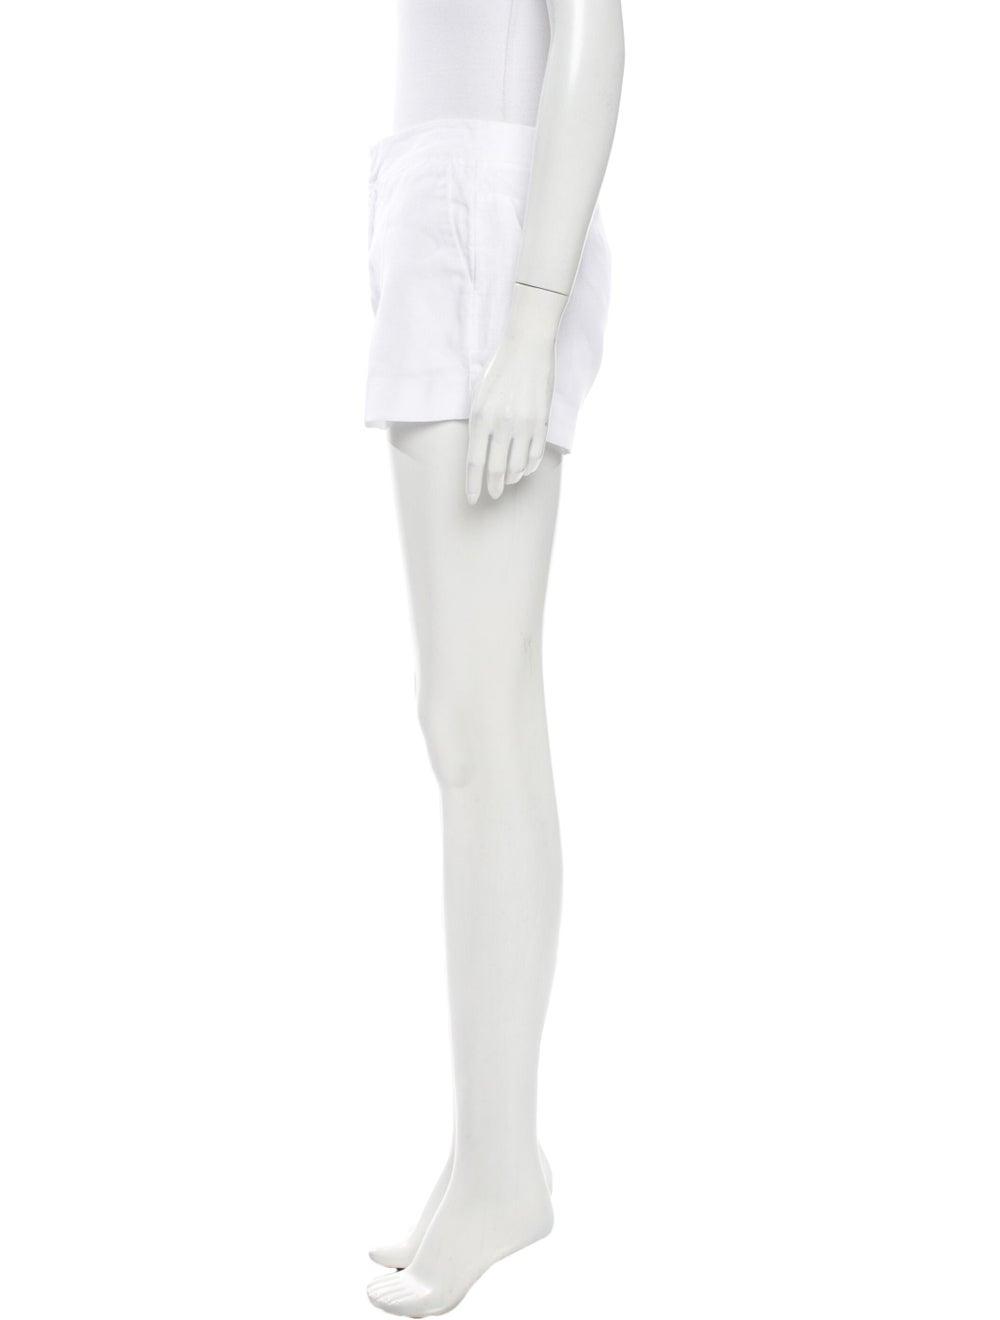 Joie Linen Mini Shorts White - image 2